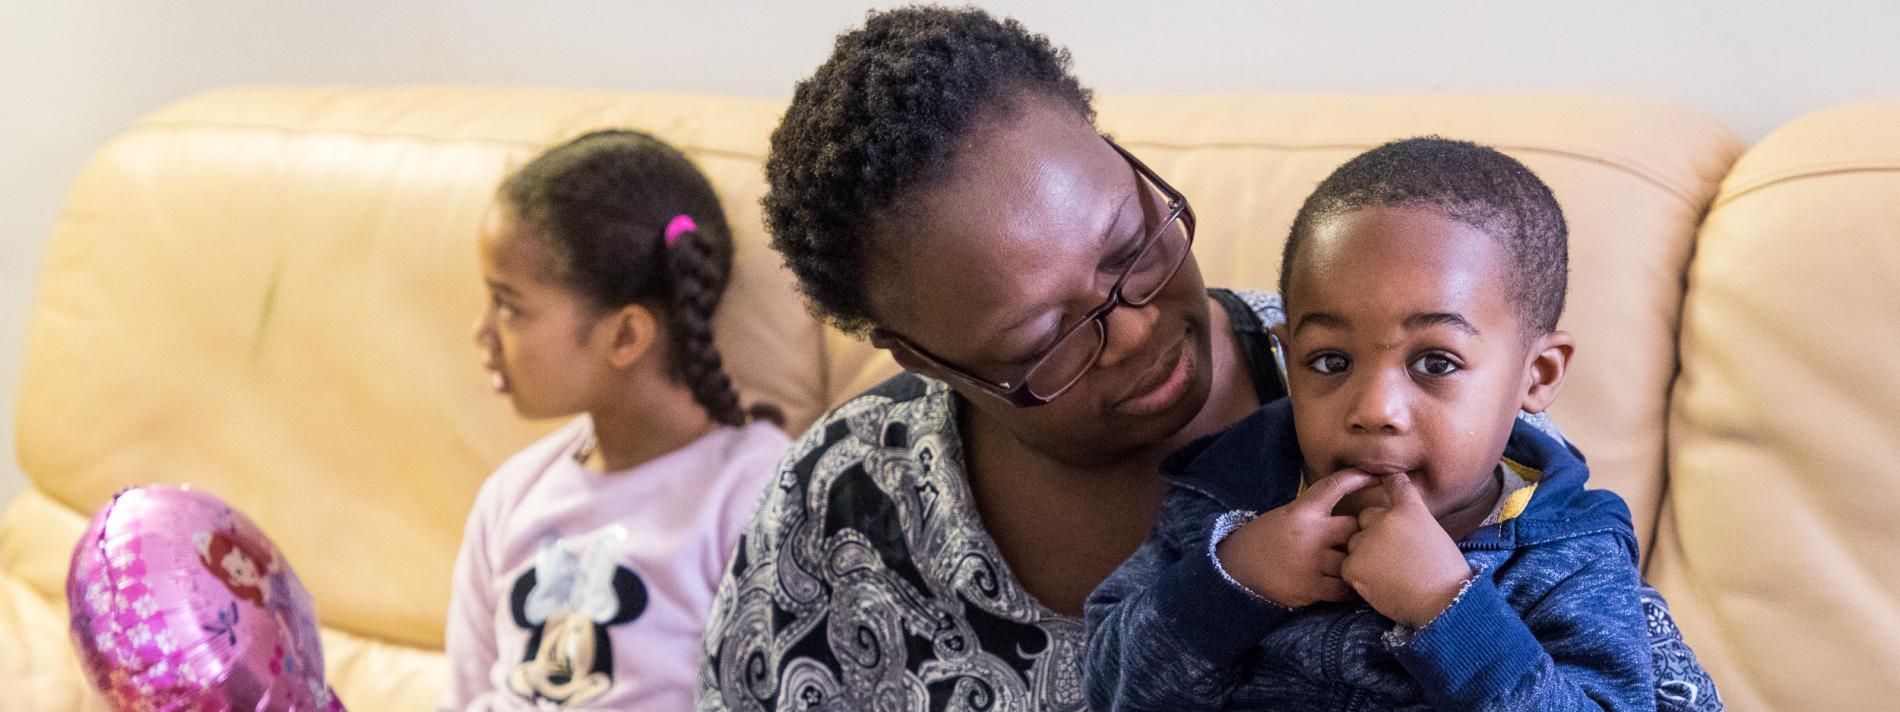 site de rencontre pour maman celibataire rencontres femmes tres agees